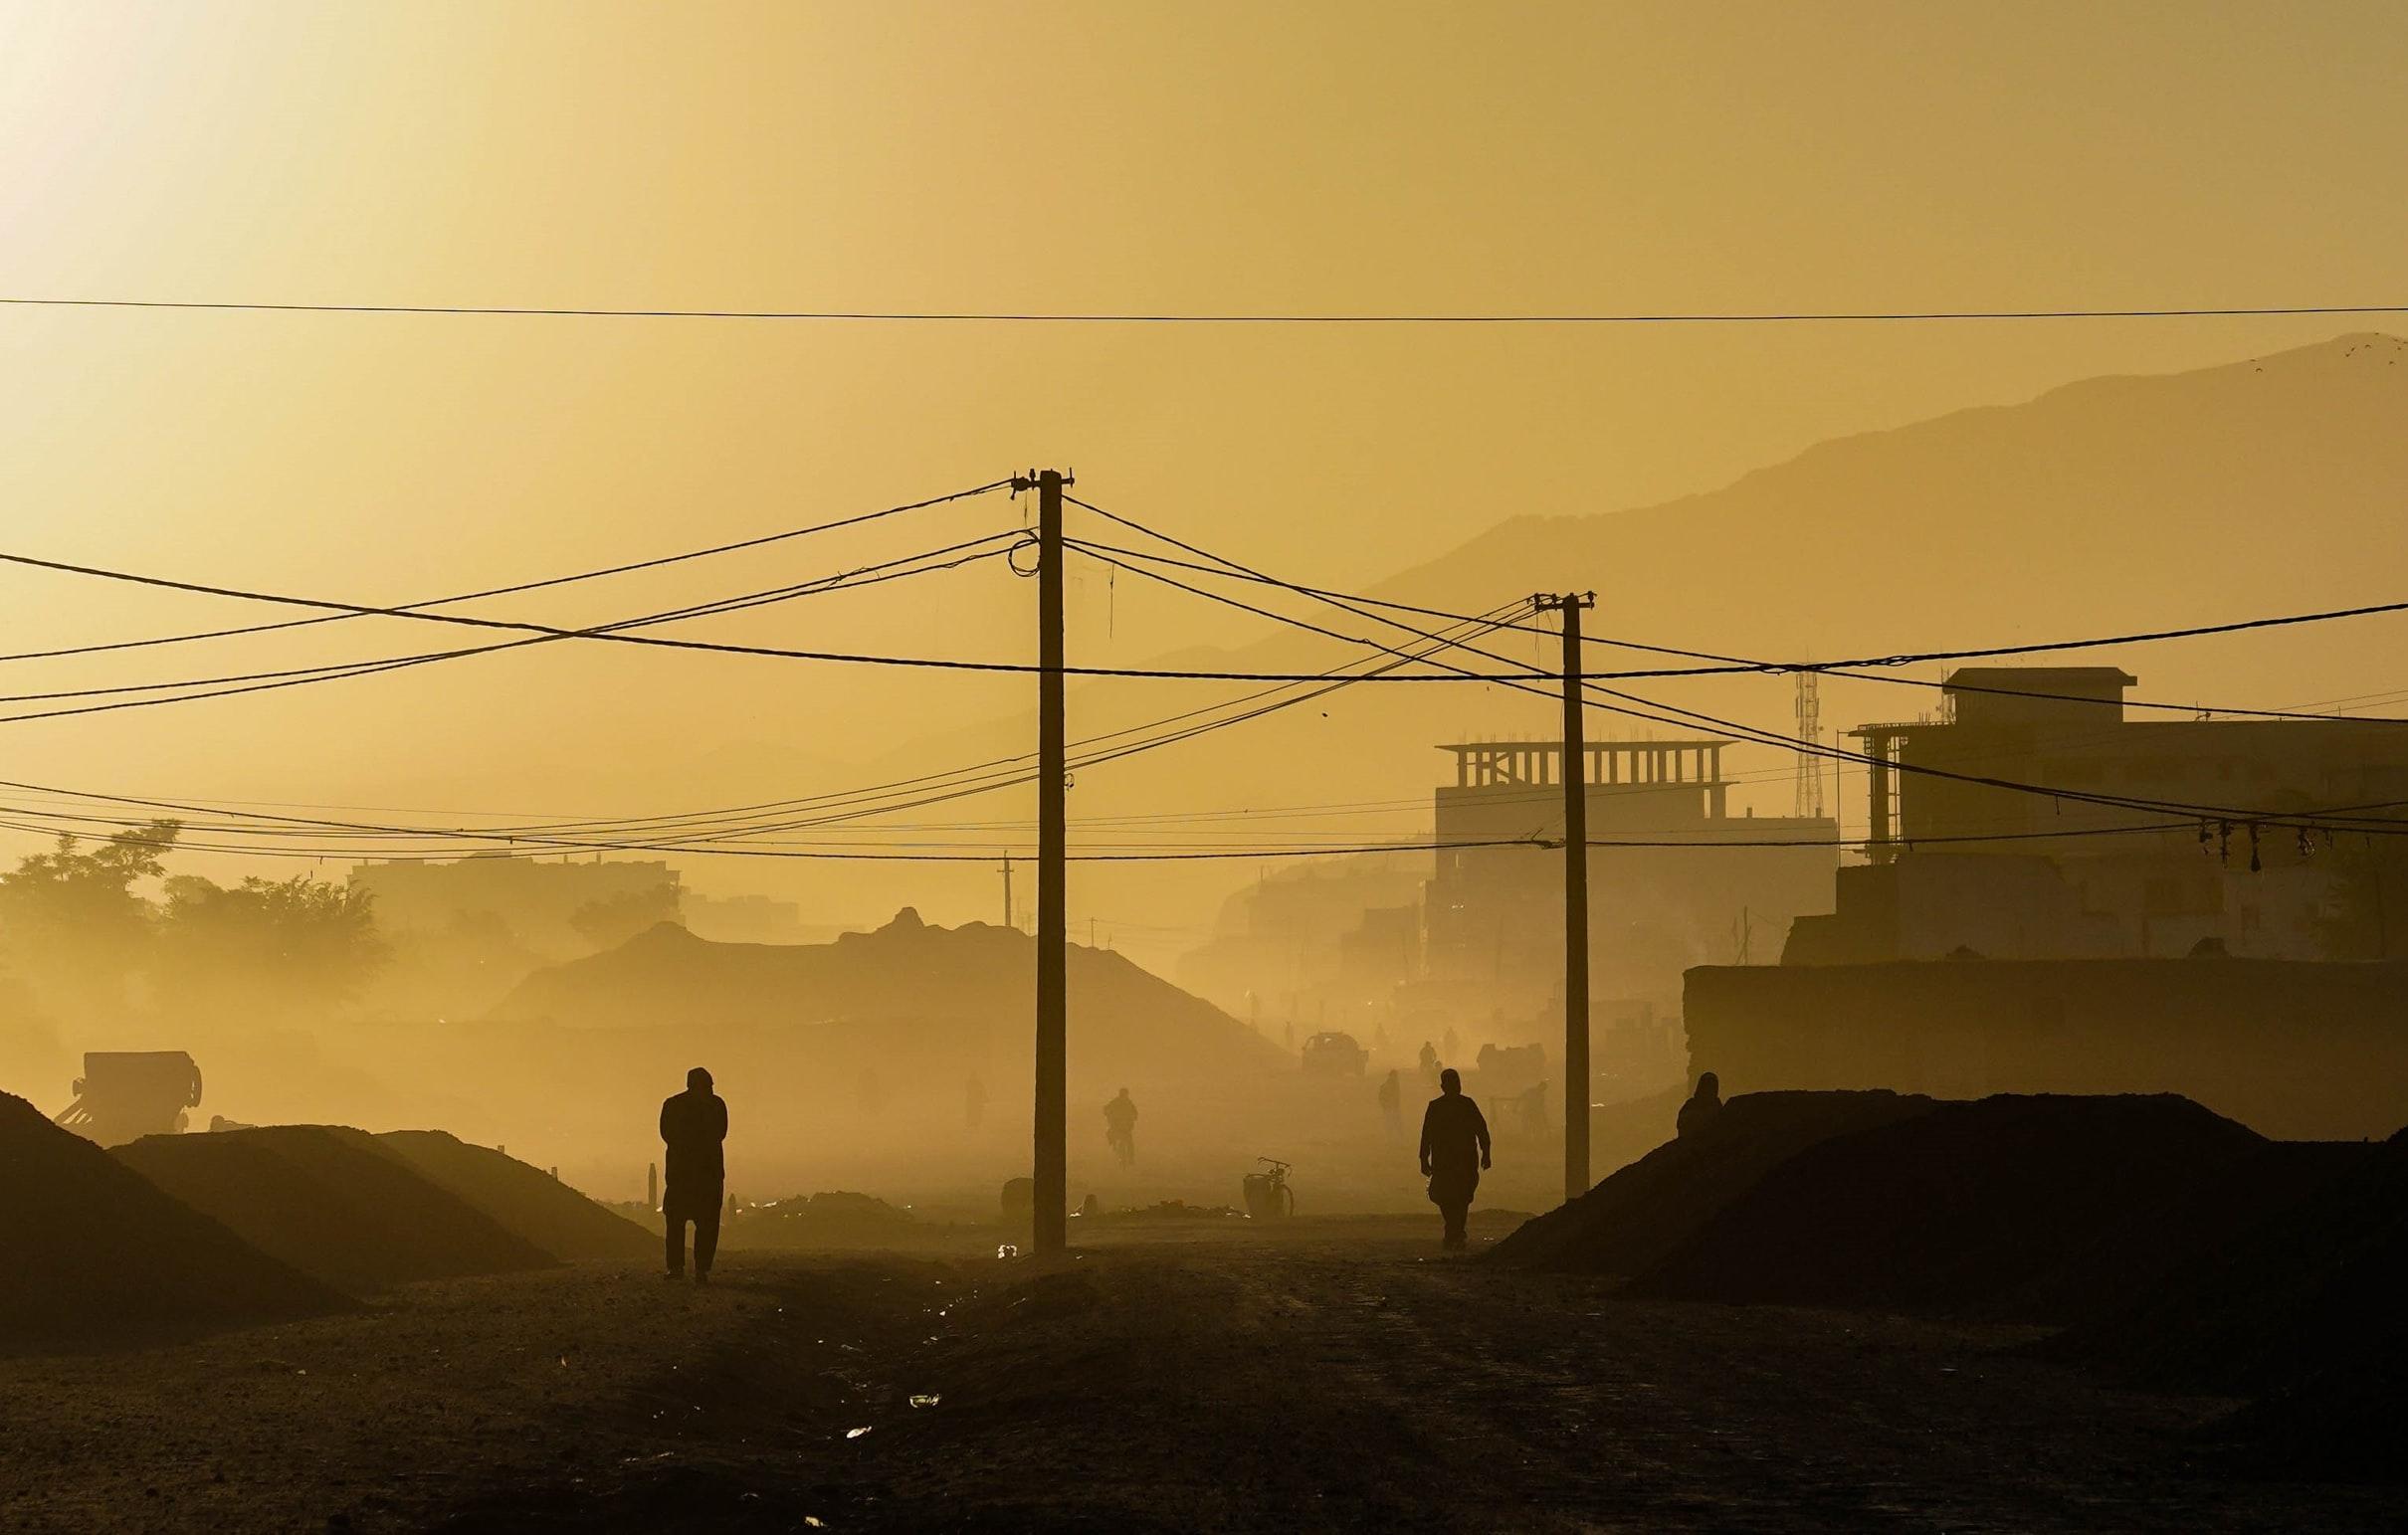 Tалибаните: наказанията като ампутации и екзекуции ще се върнат